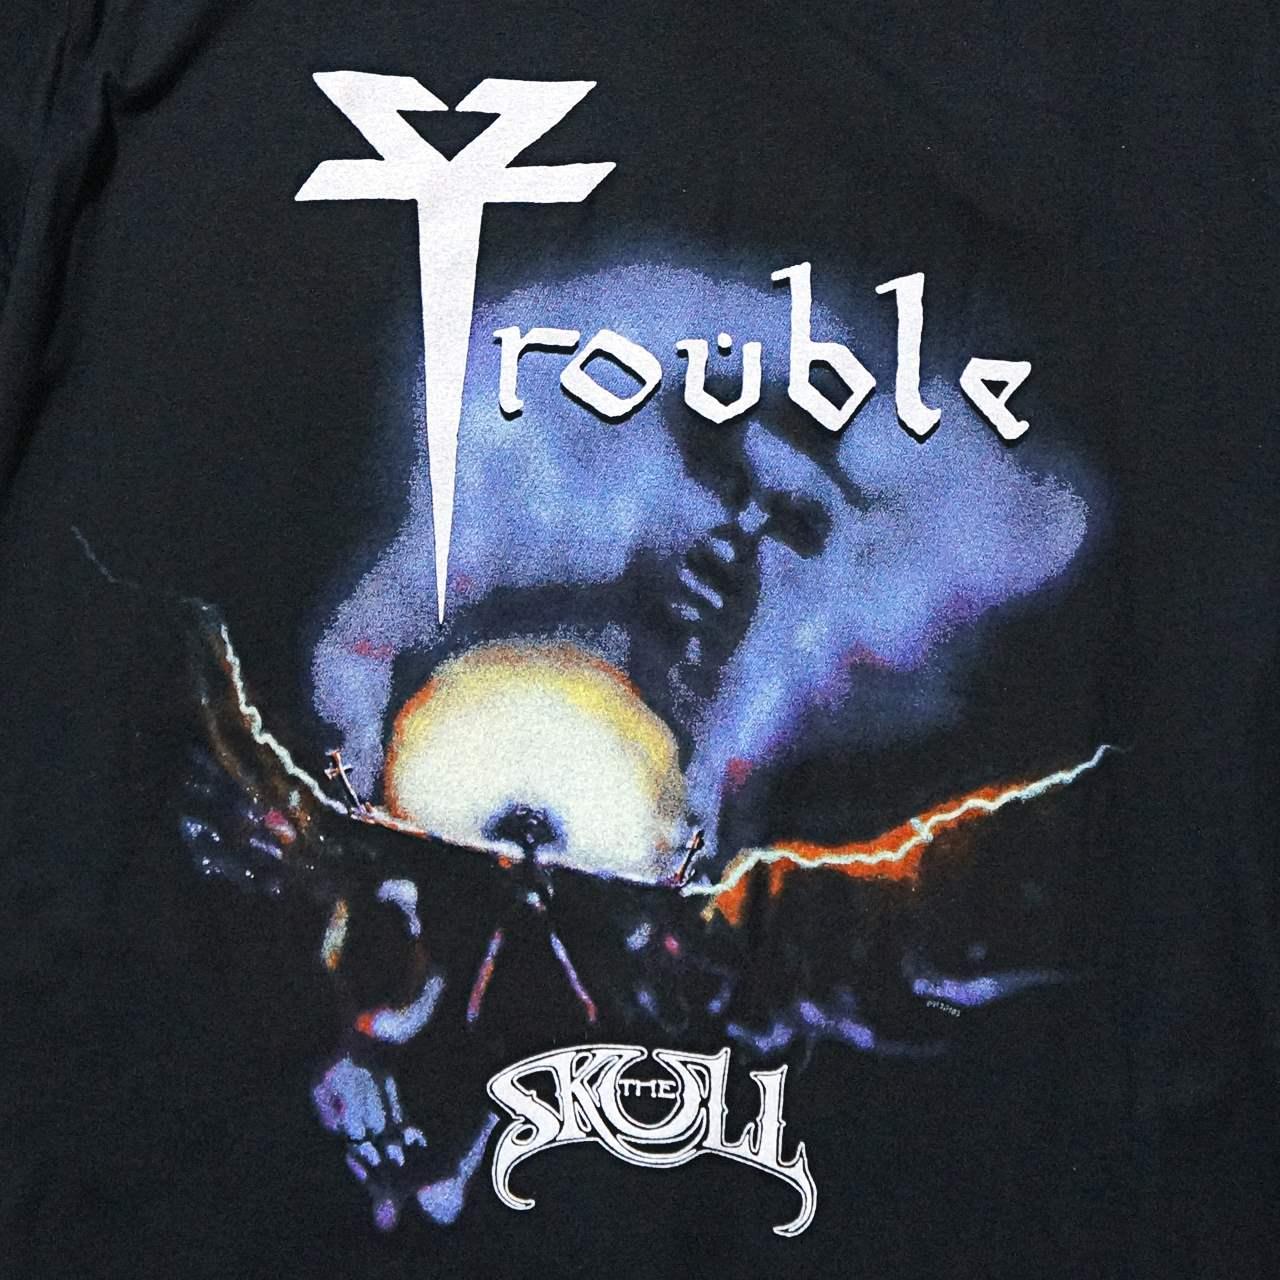 TROUBLE バンド Tシャツ The Skull-Black